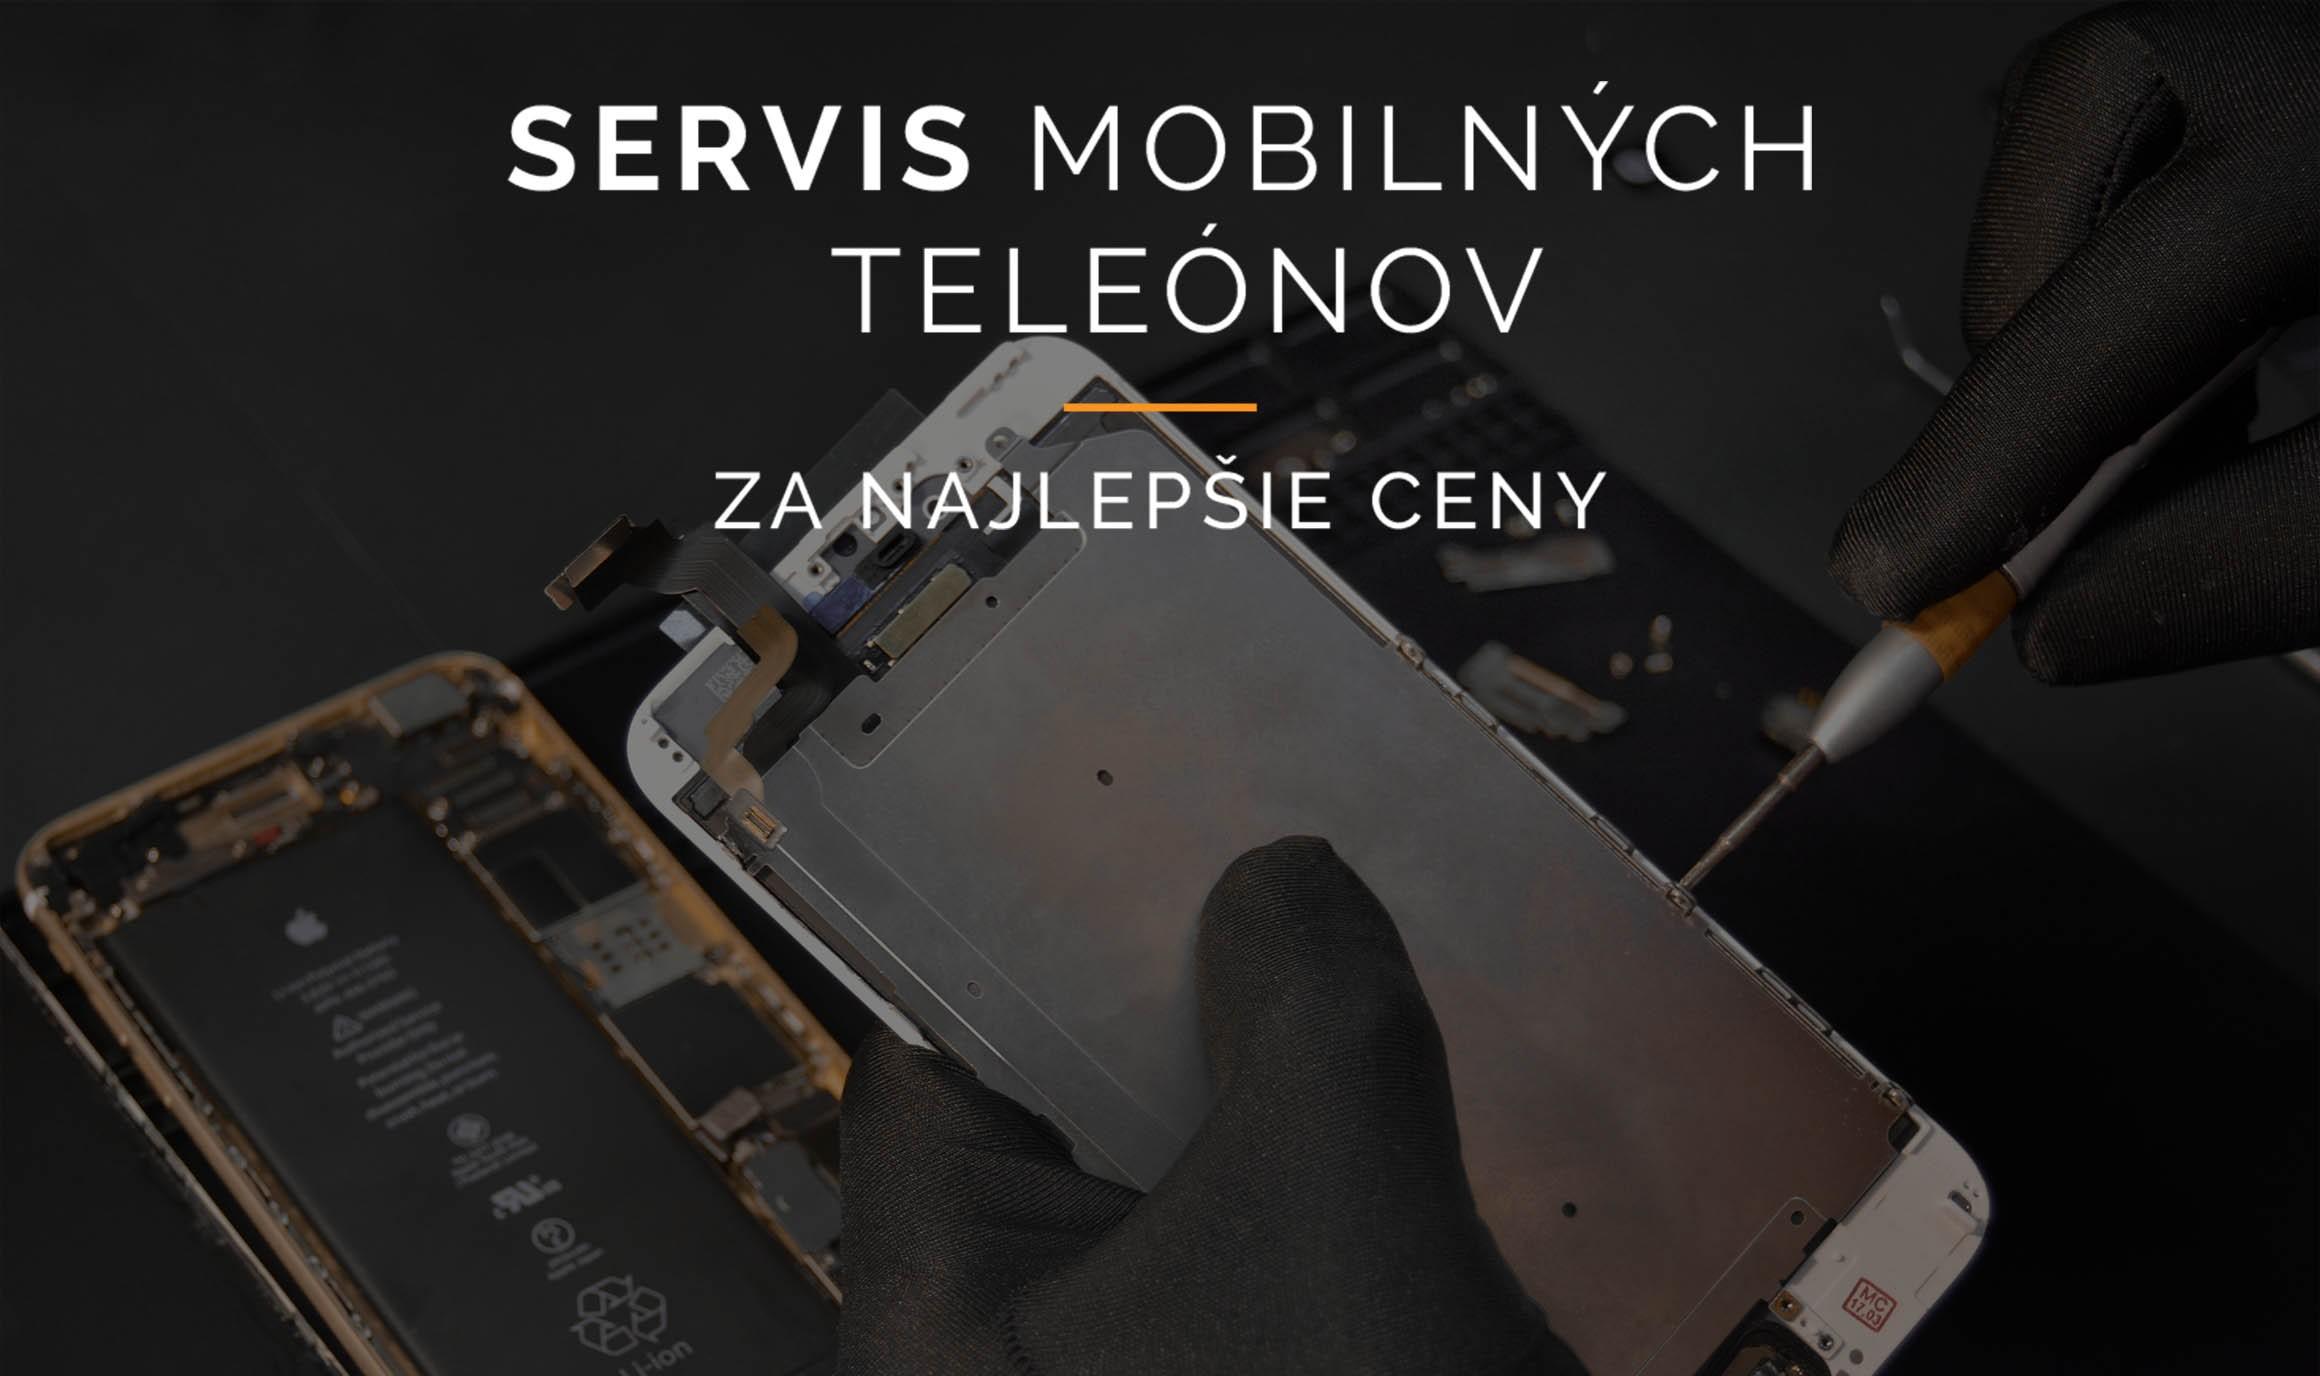 Servis mobilnych telefonov